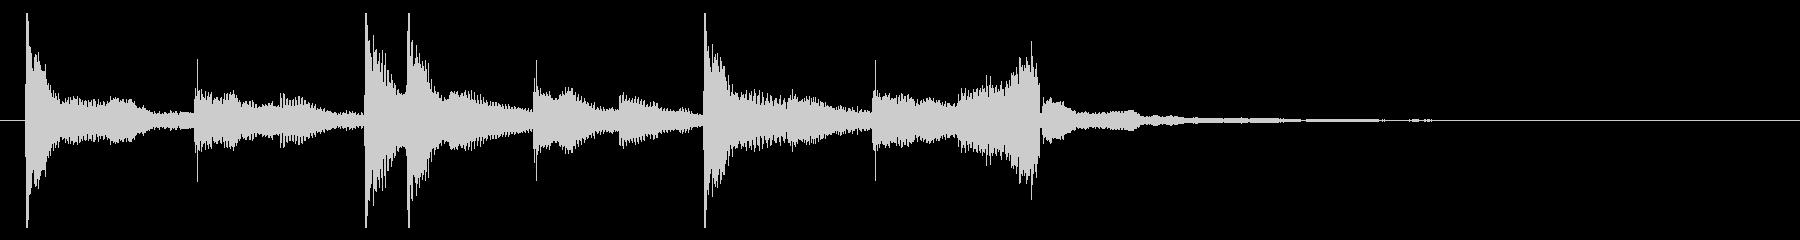 切ないきらきらピアノジングル①の未再生の波形